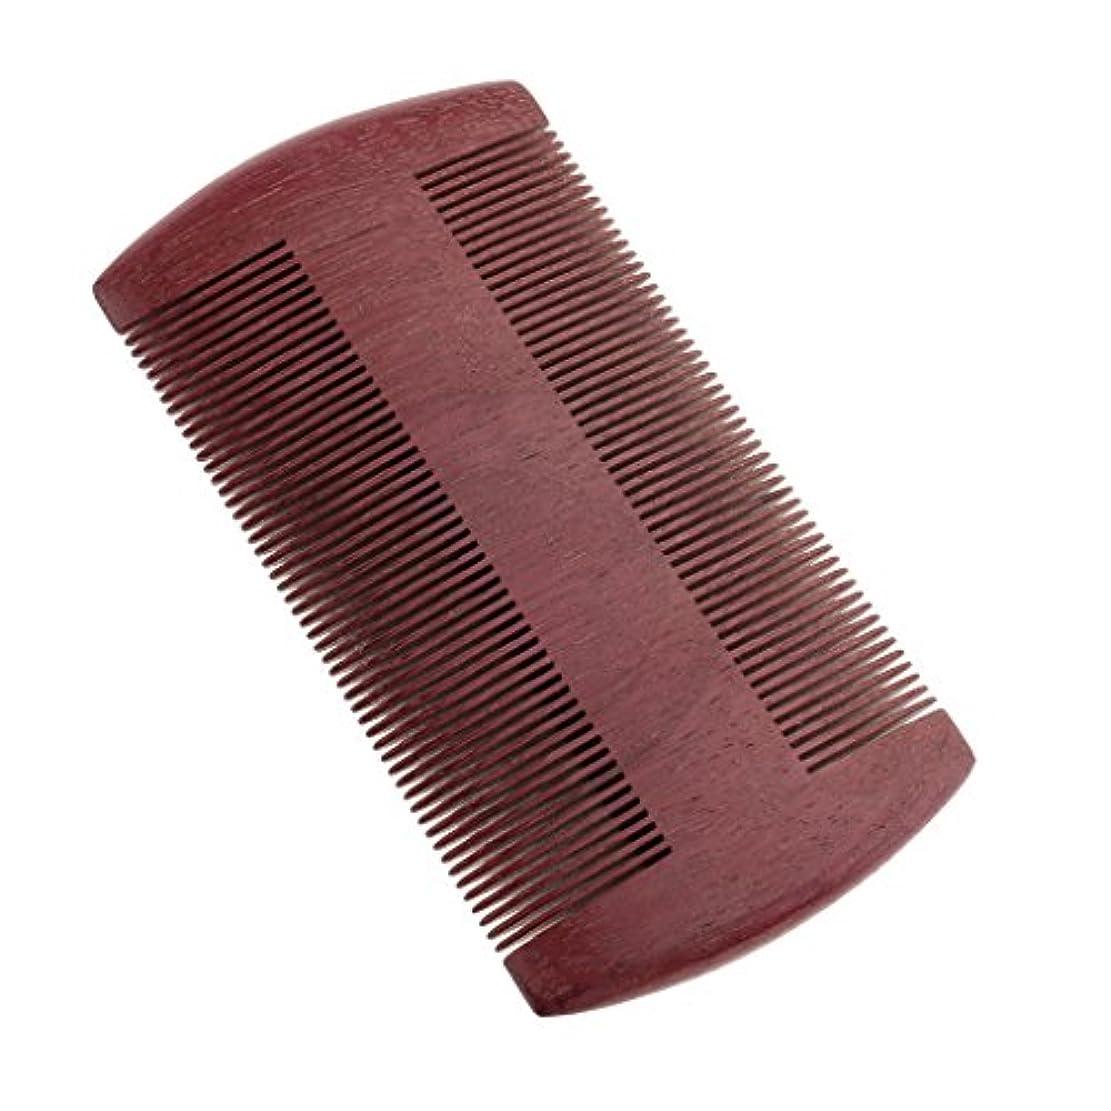 対話ゲート間隔Kesoto ウッドコーム 木製 ダブル密度 歯 櫛 ひげ ブラシ